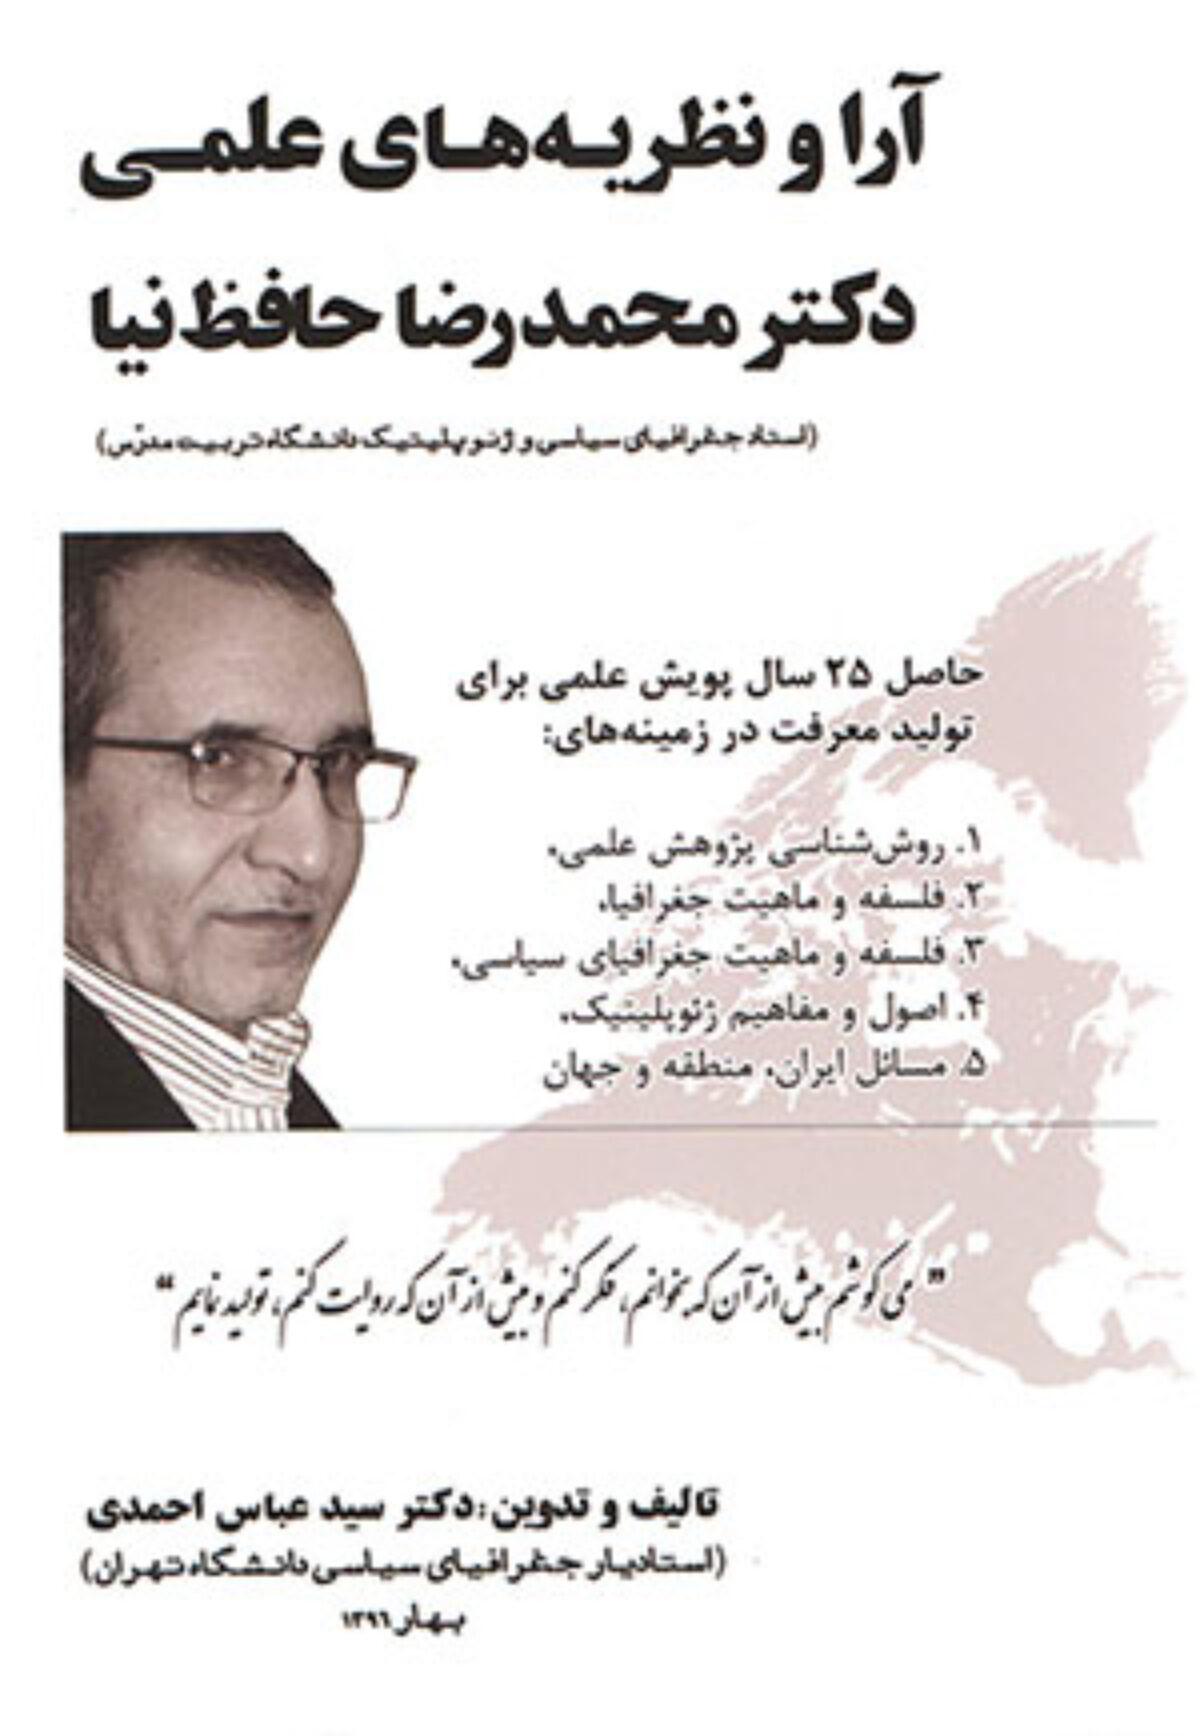 معرفی کتاب آرا و نظریه های علمی دکتر محمدرضا حافظ نیا